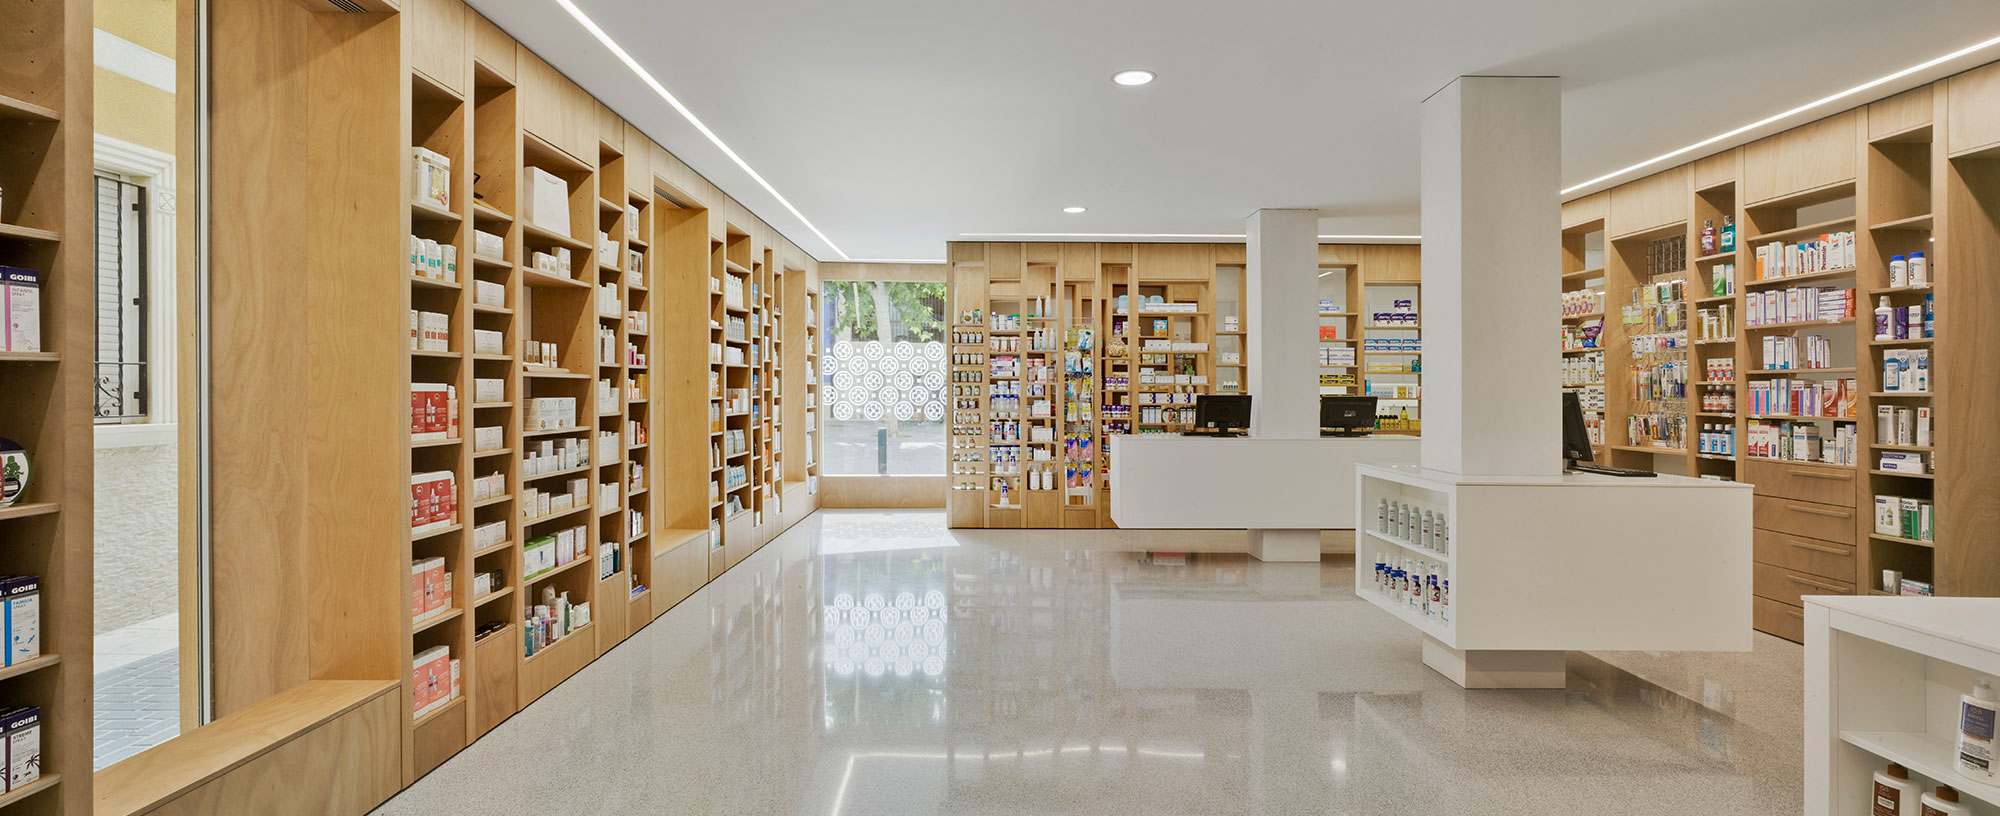 Proyecto Contract_Farmacia del reloj_eneseis